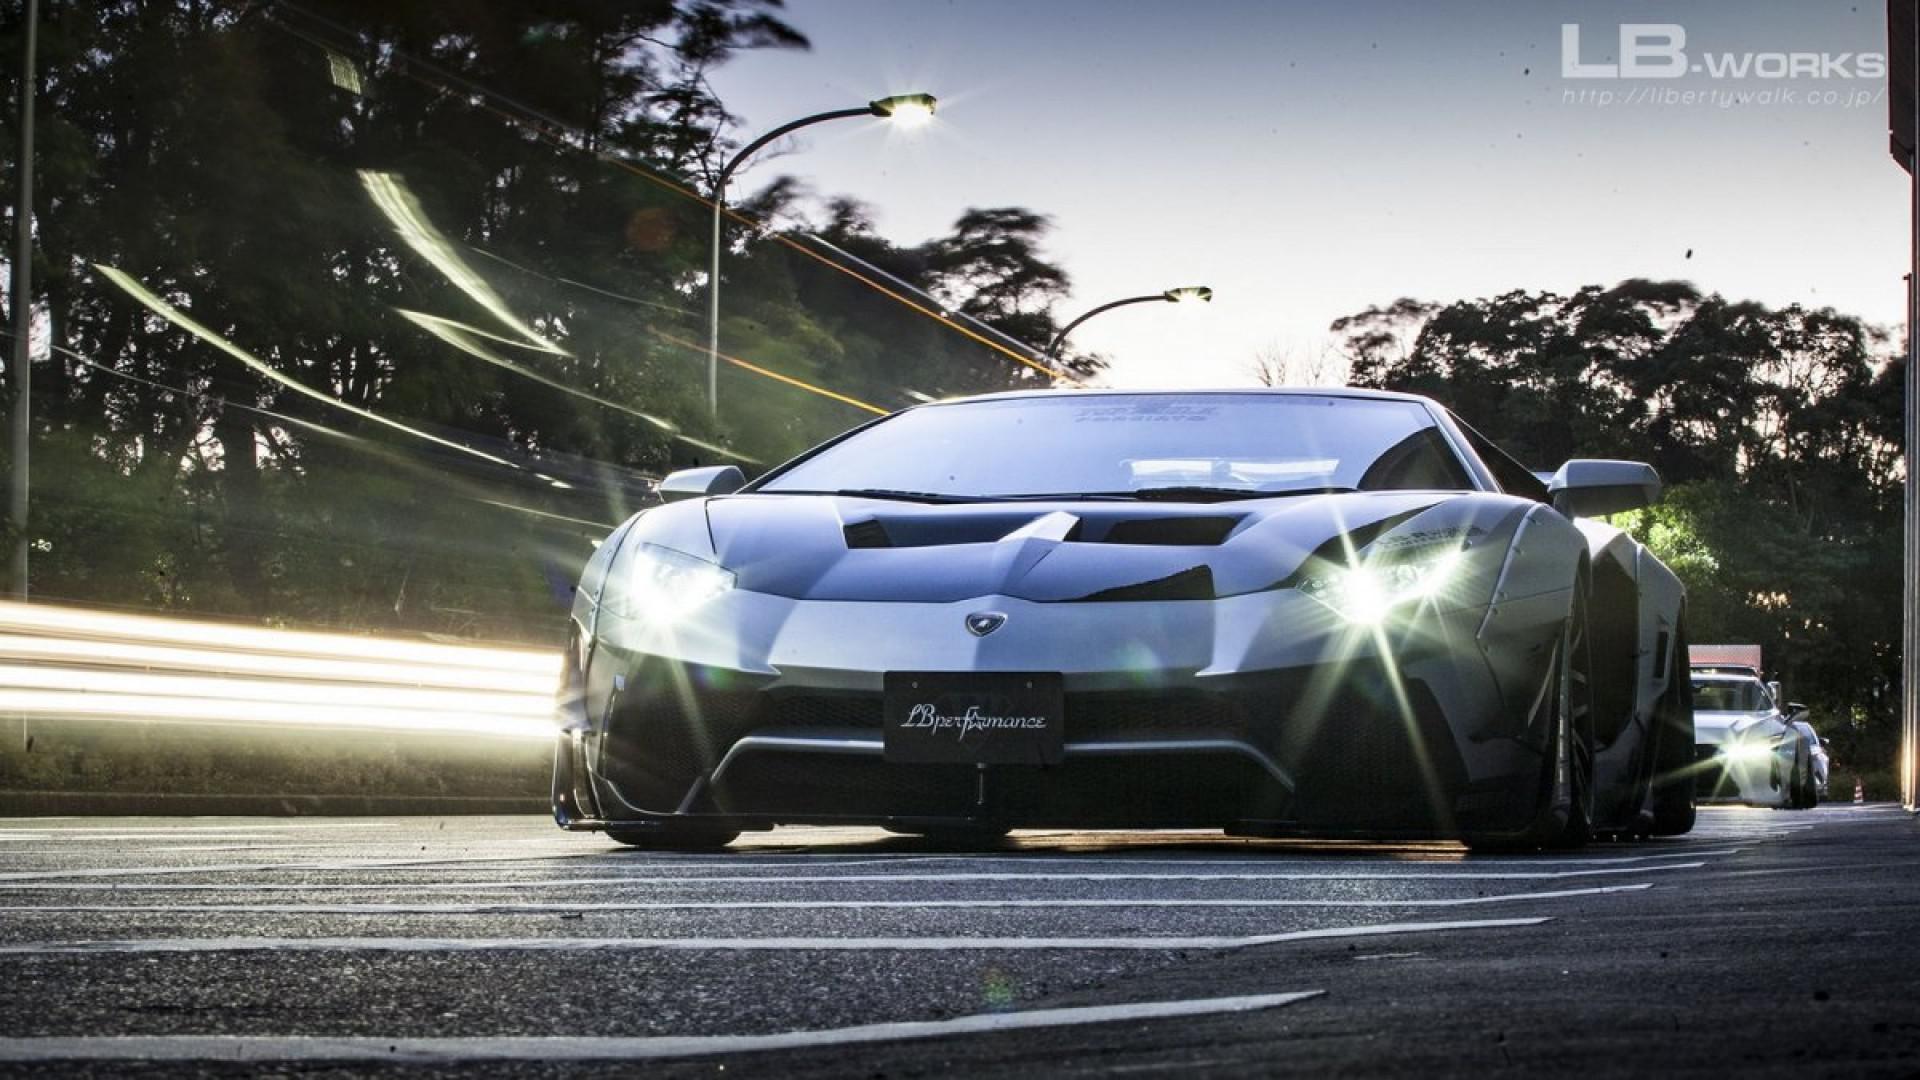 Agressive Lamborghini Aventador par Liberty Walk